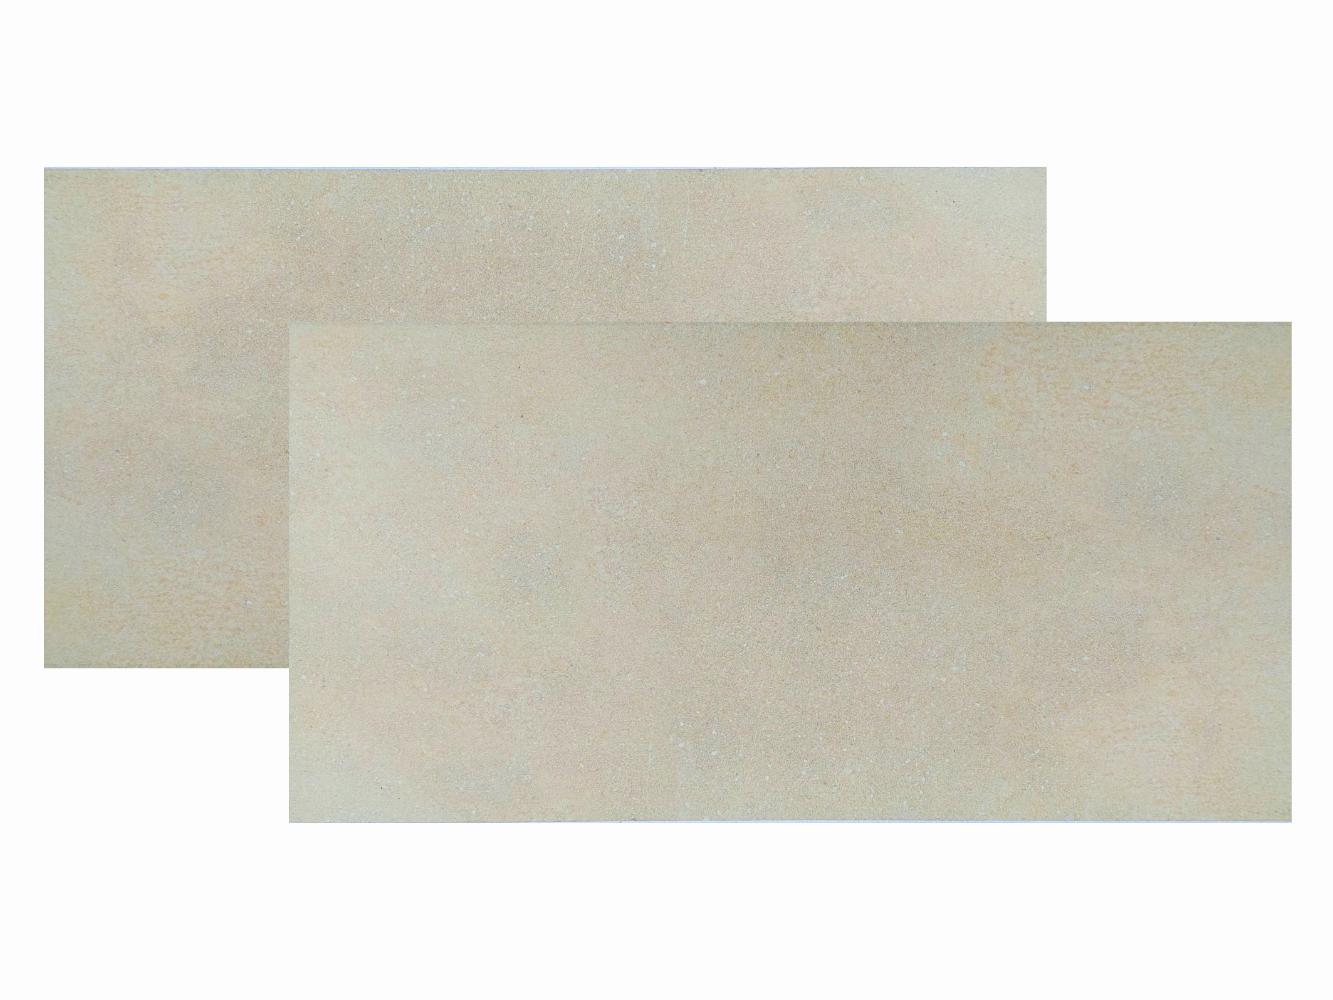 Terrassenfliese Madrid Beige 3 Feinsteinzeug, 39x78x2 cm